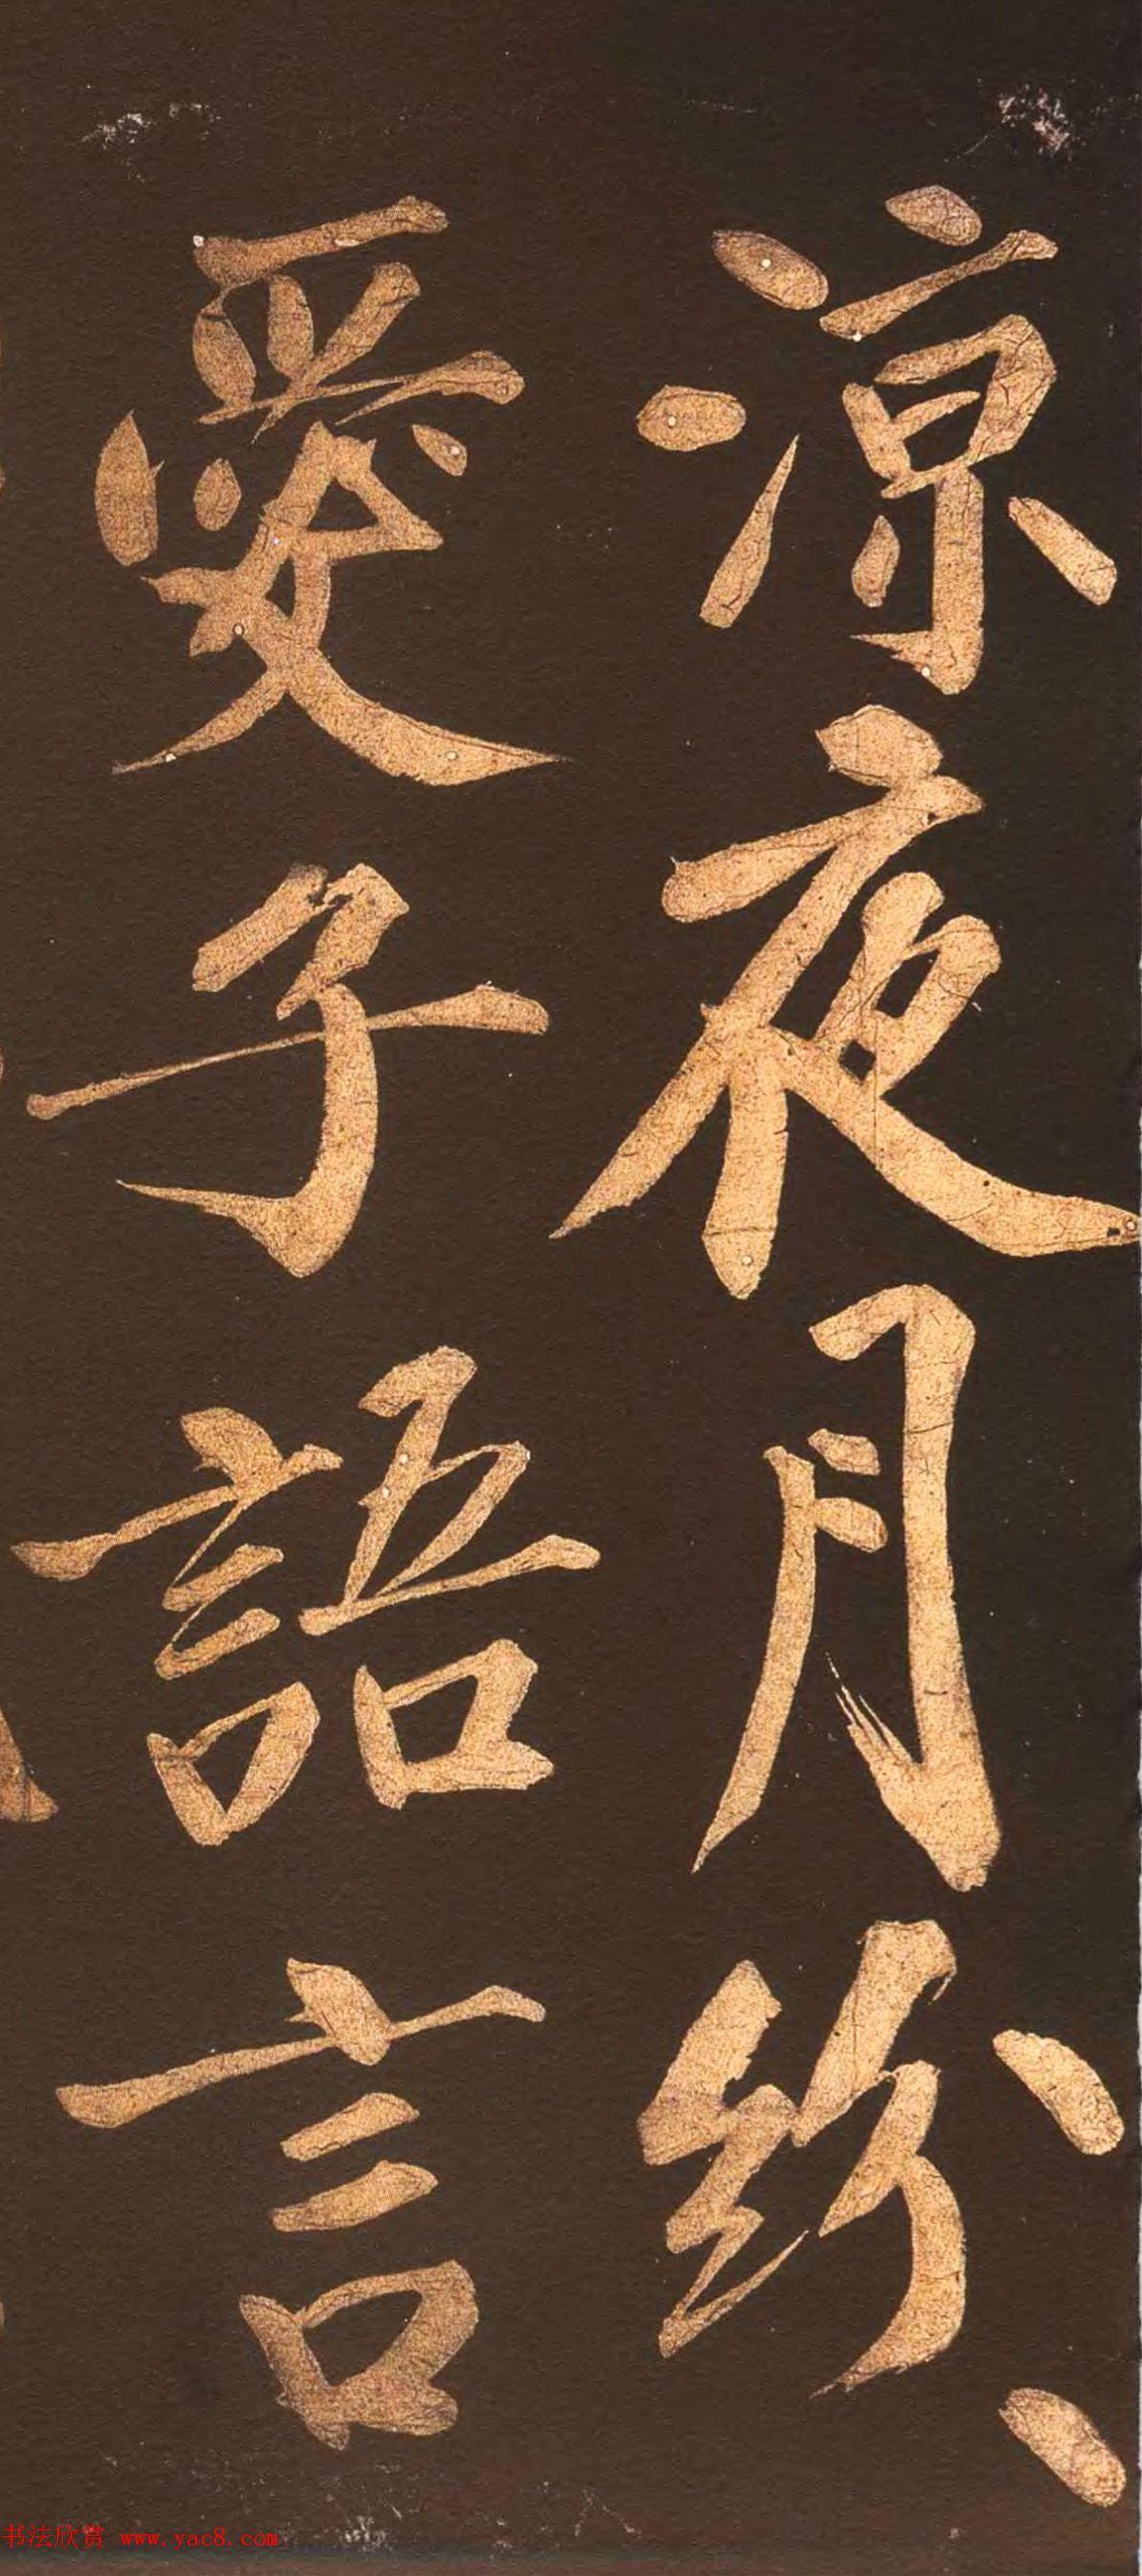 宋代名僧洪觉范大字书法欣赏